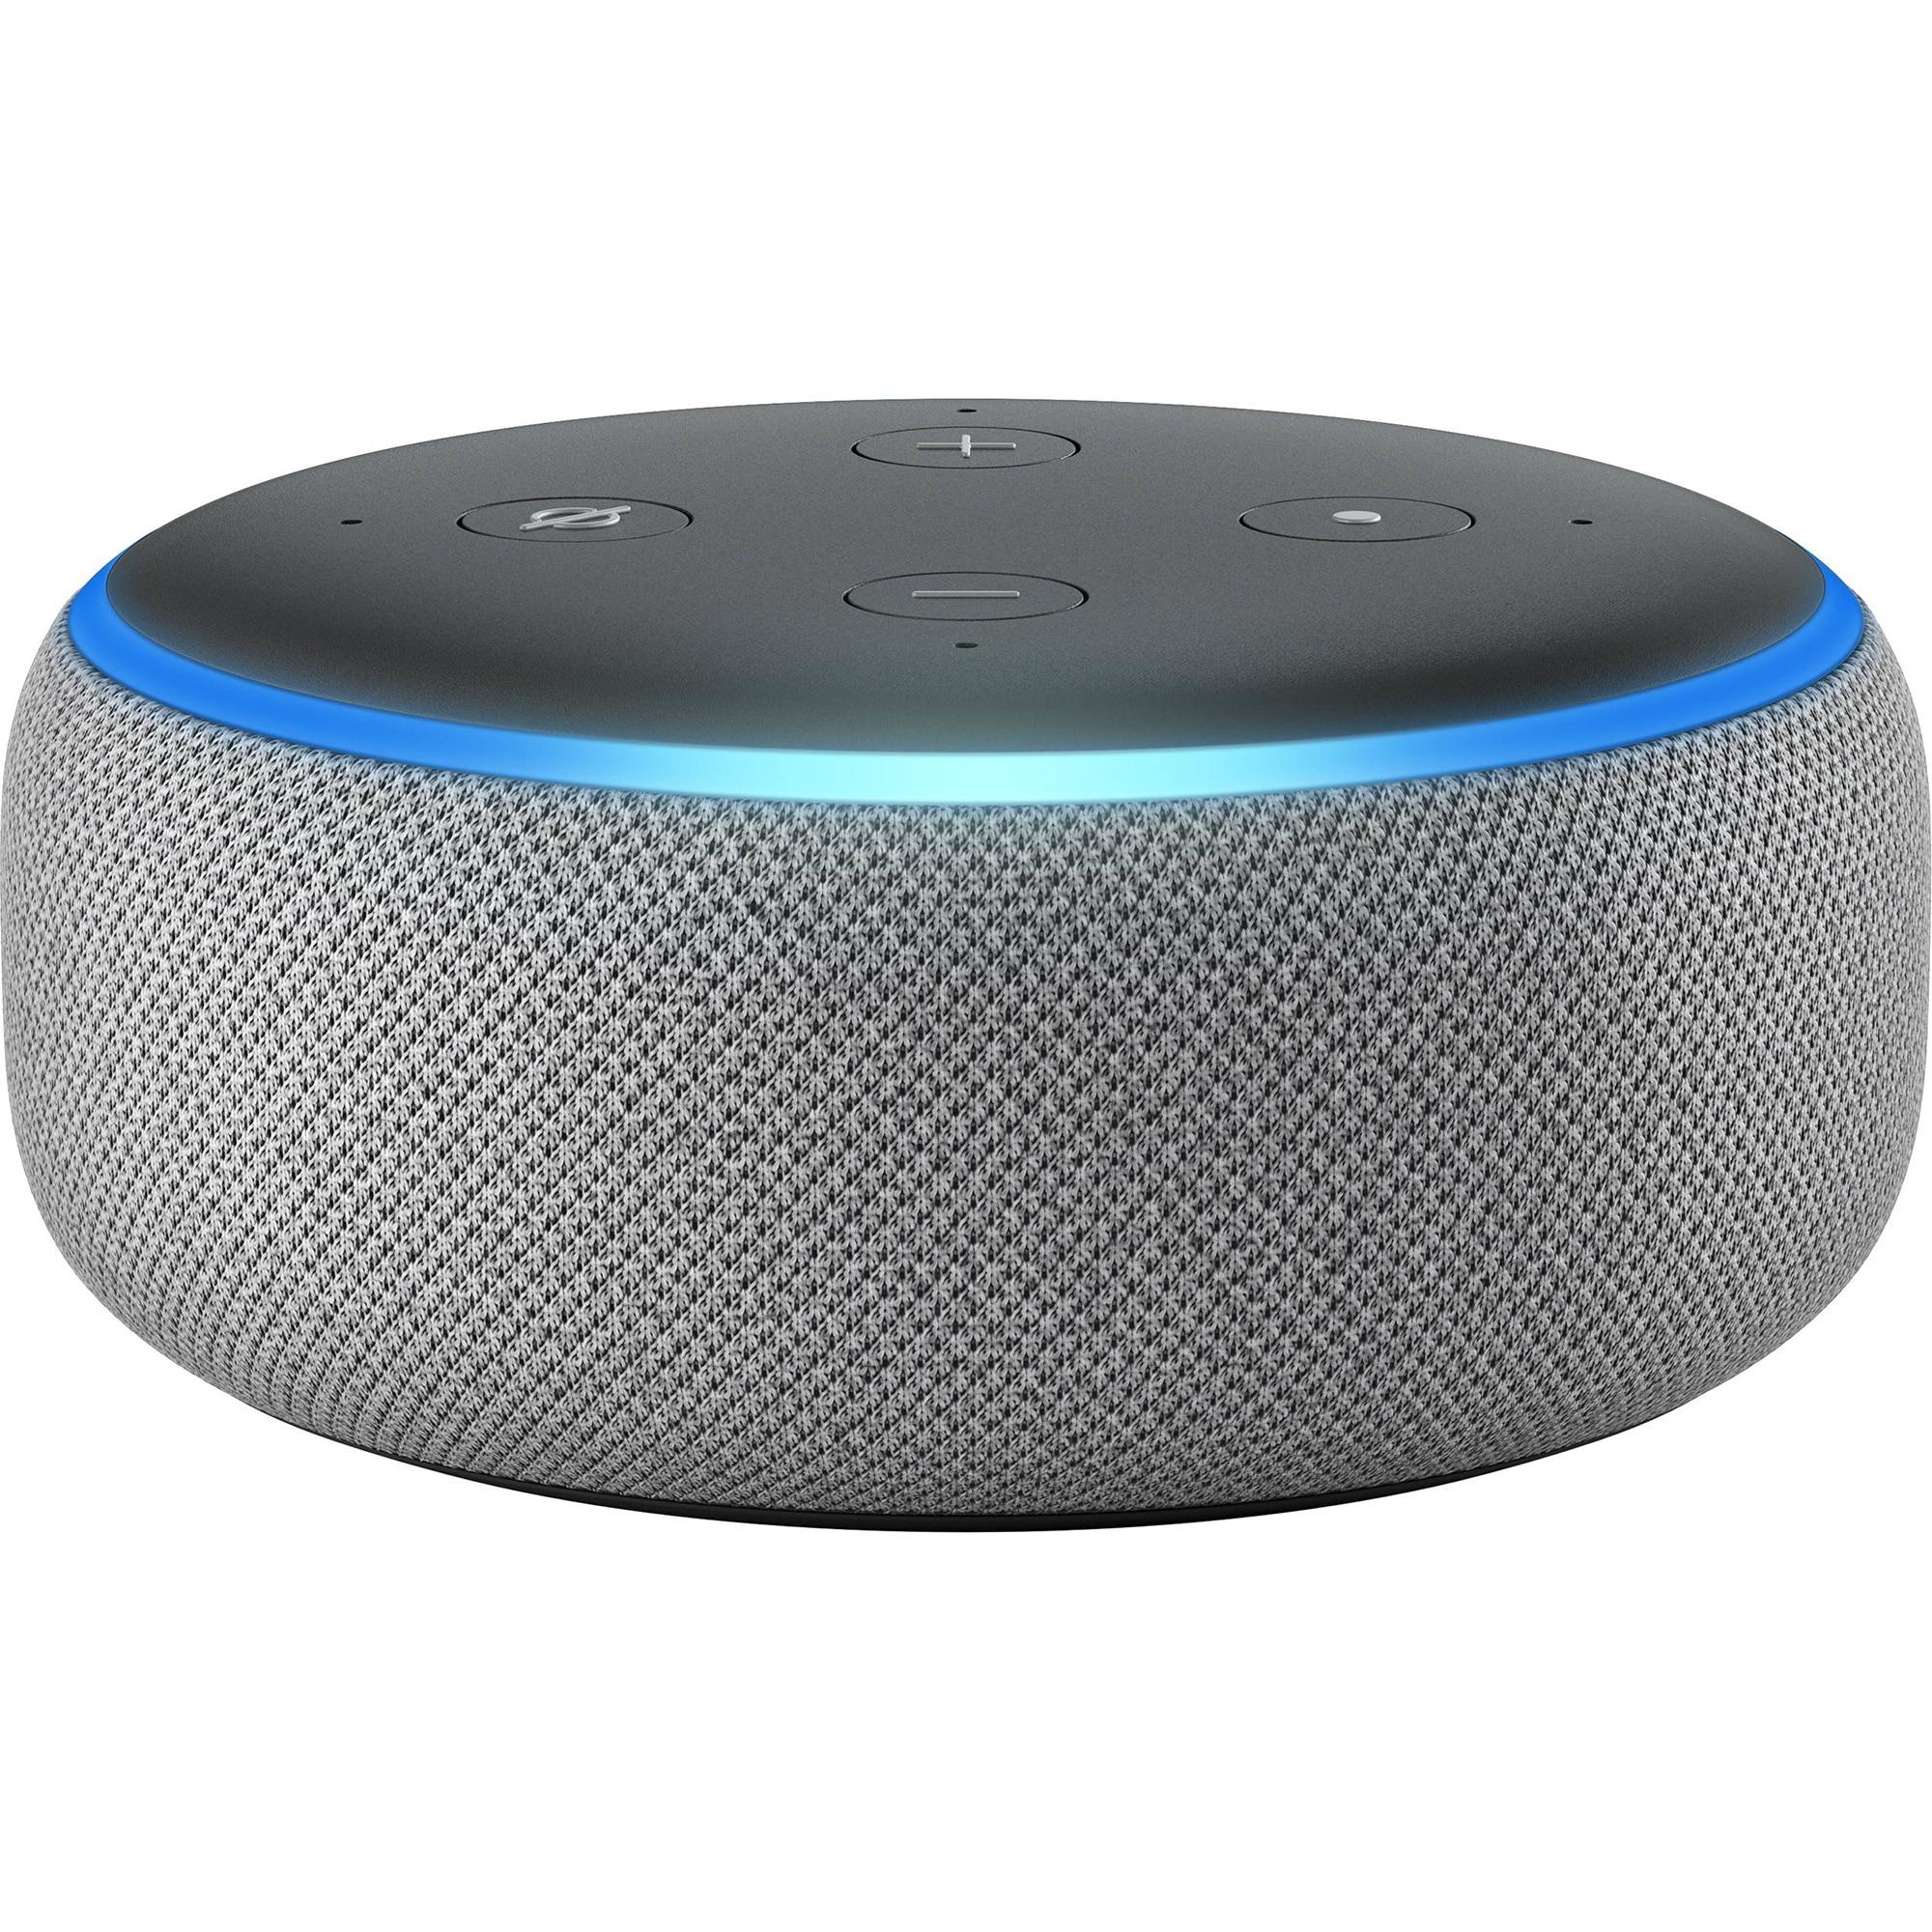 Fotografie Boxa Amazon Echo Dot 3, Alexa, Gri